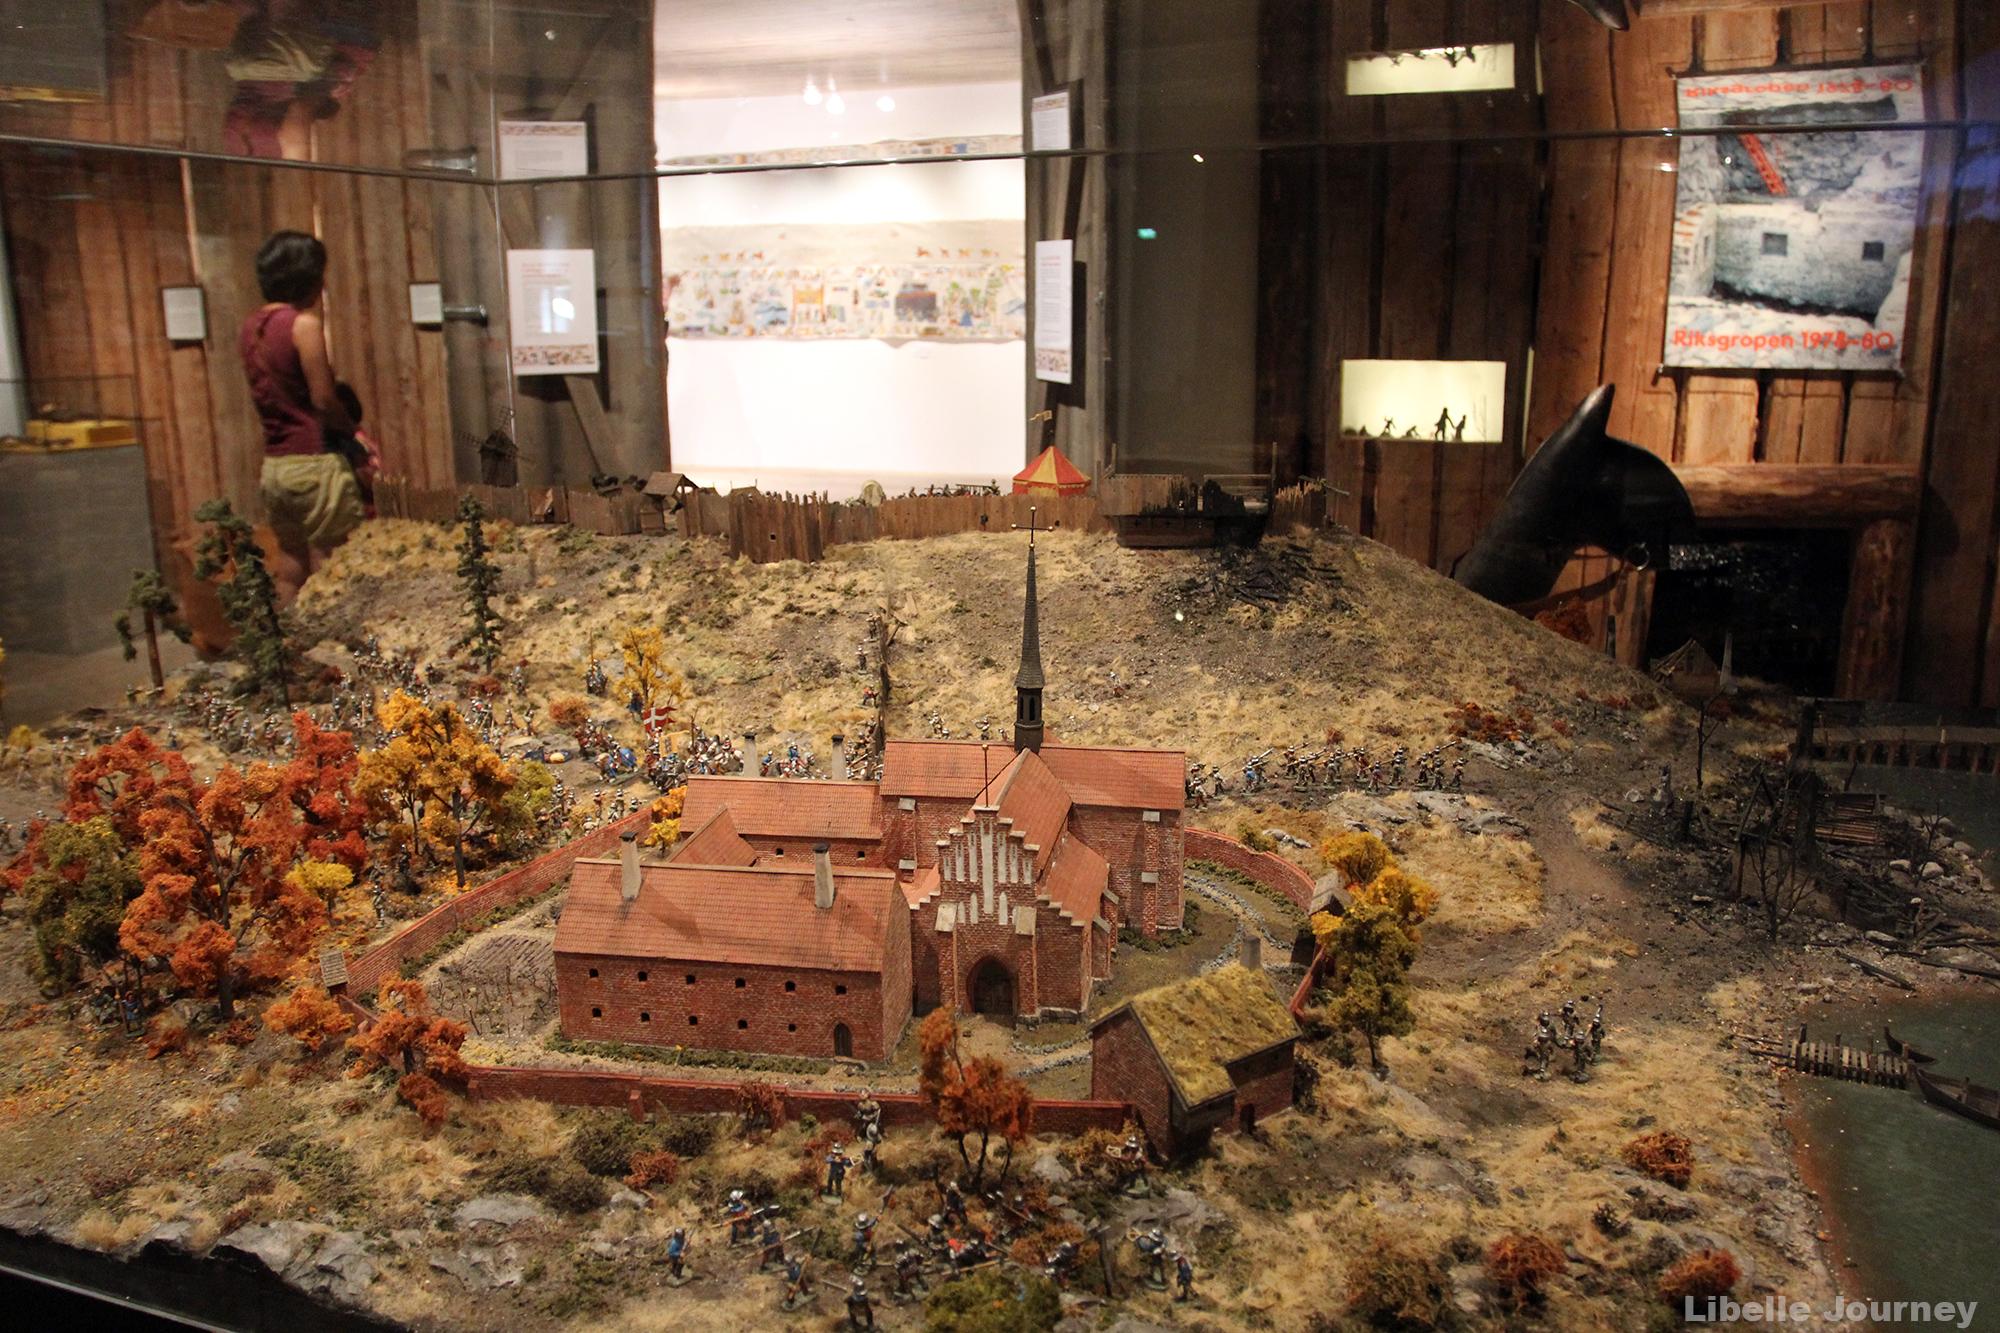 Medeltidsmuseum